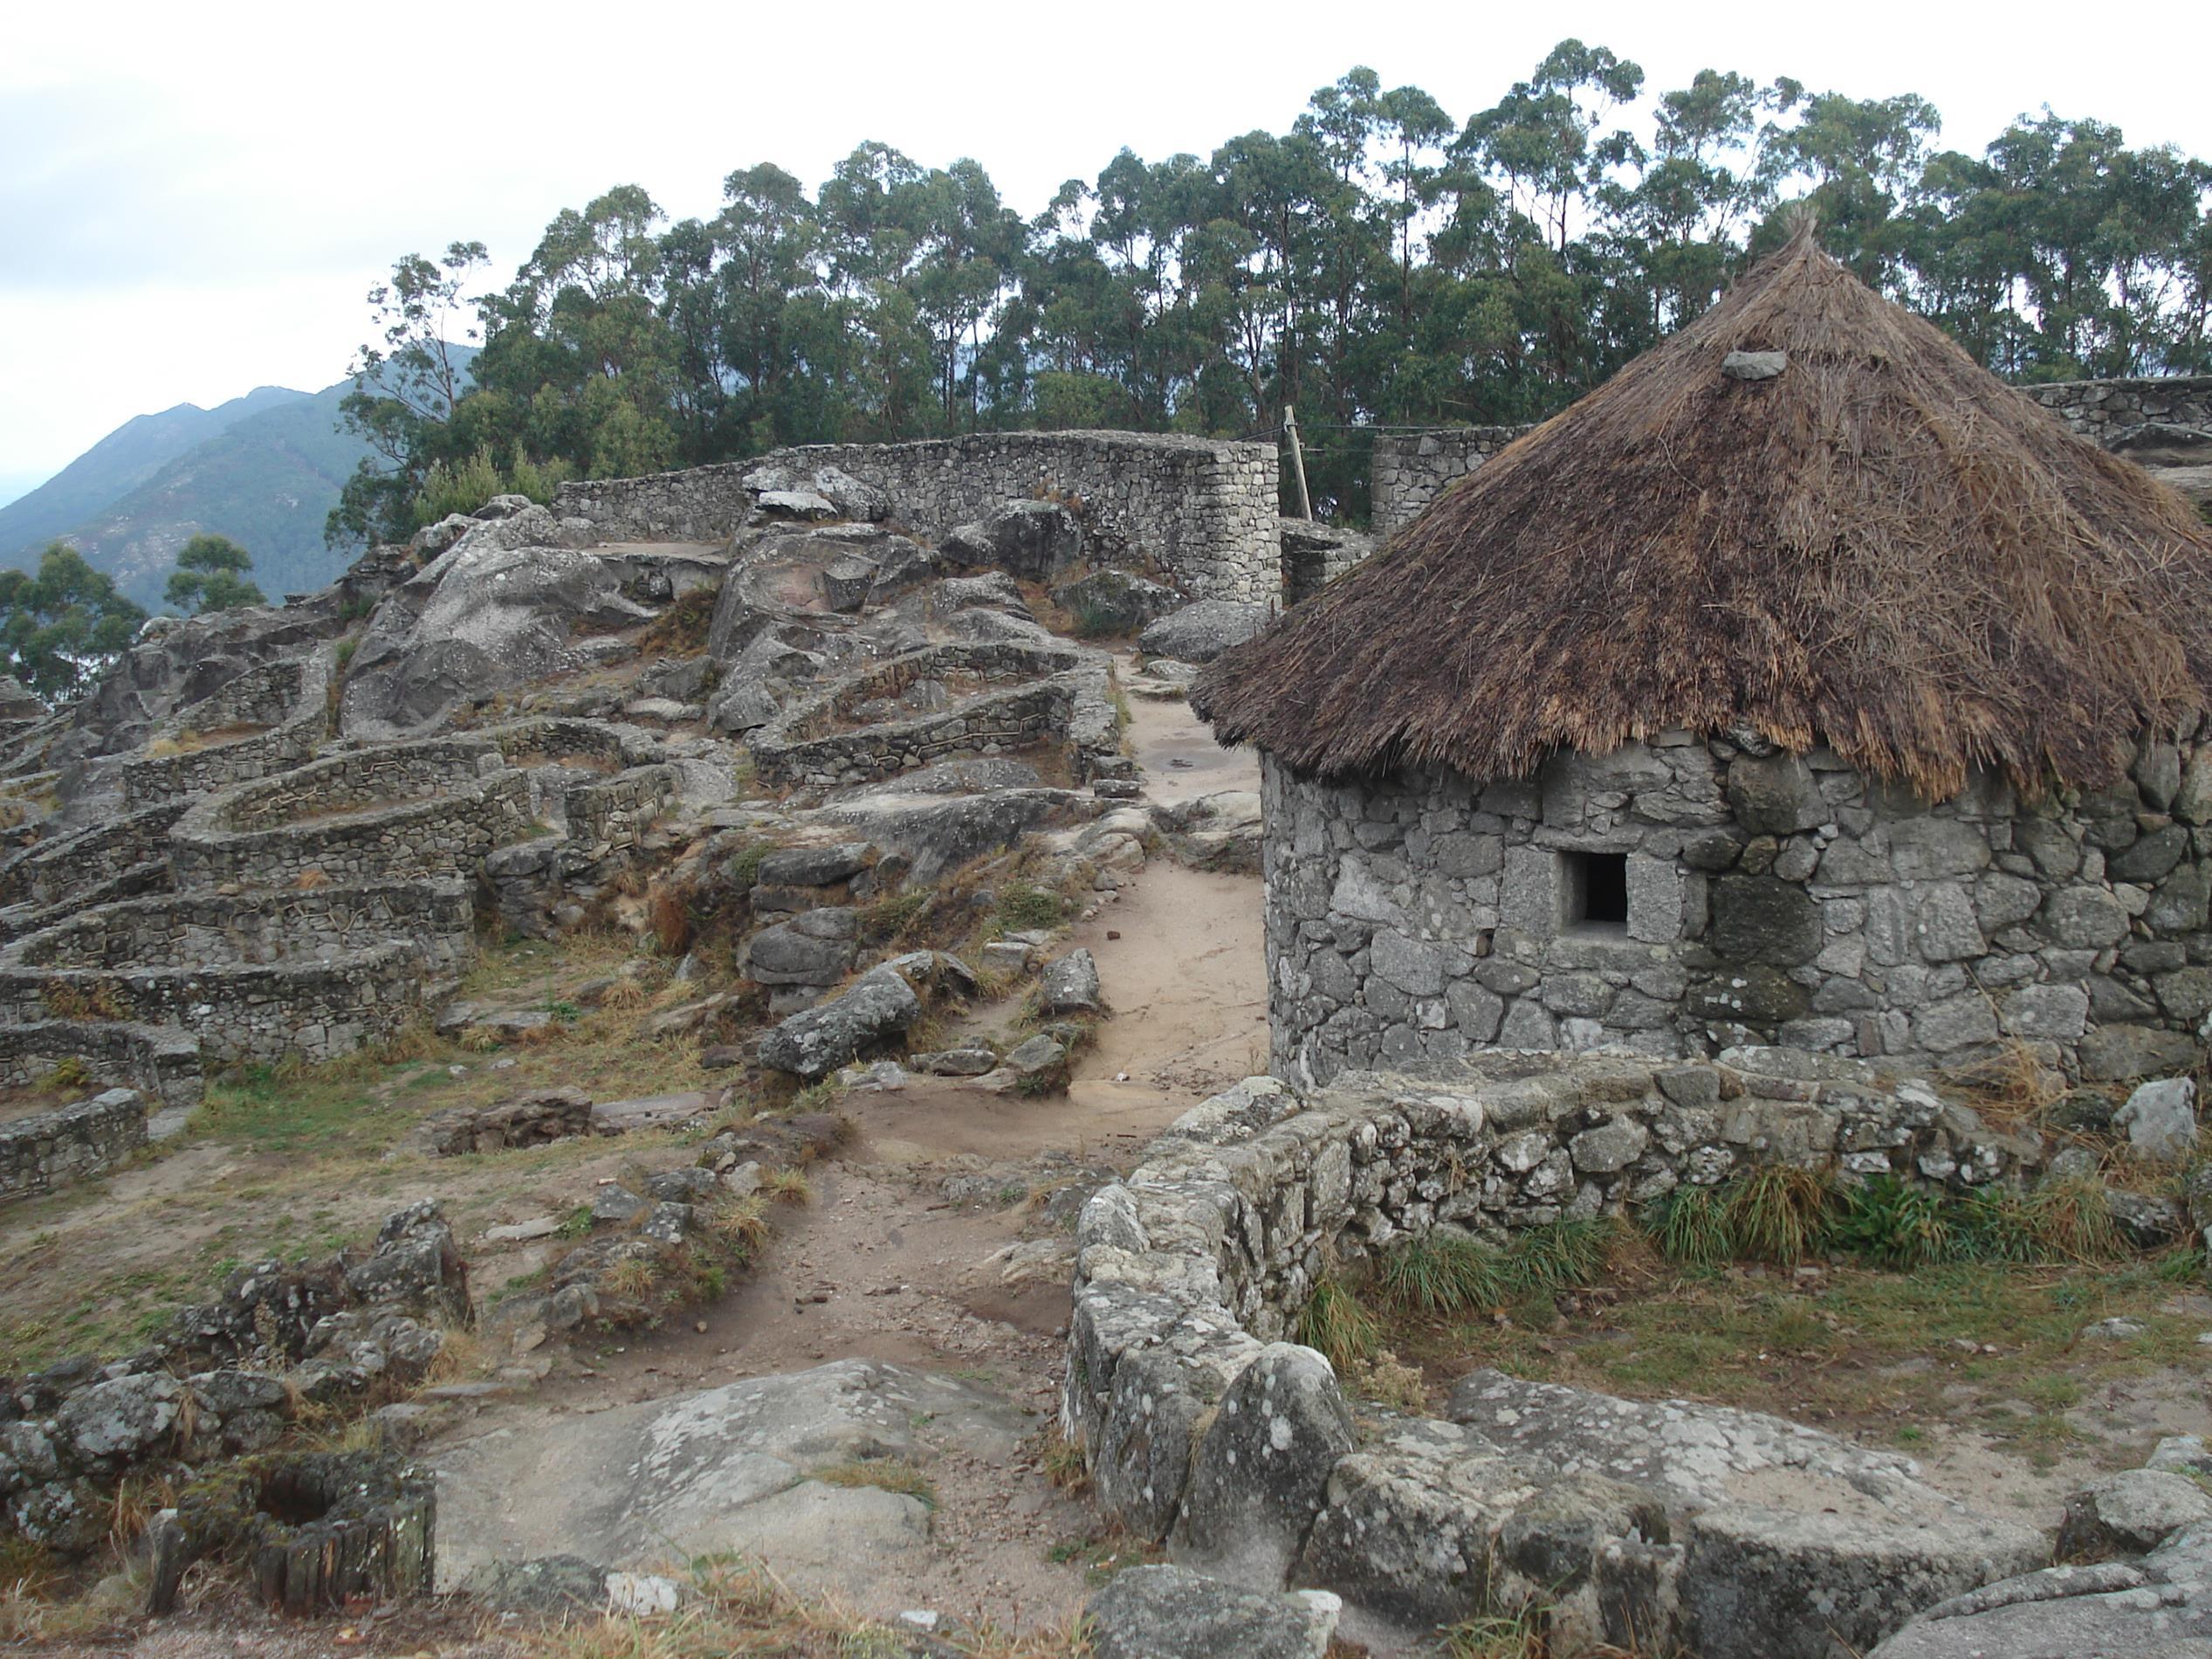 Celtic villages